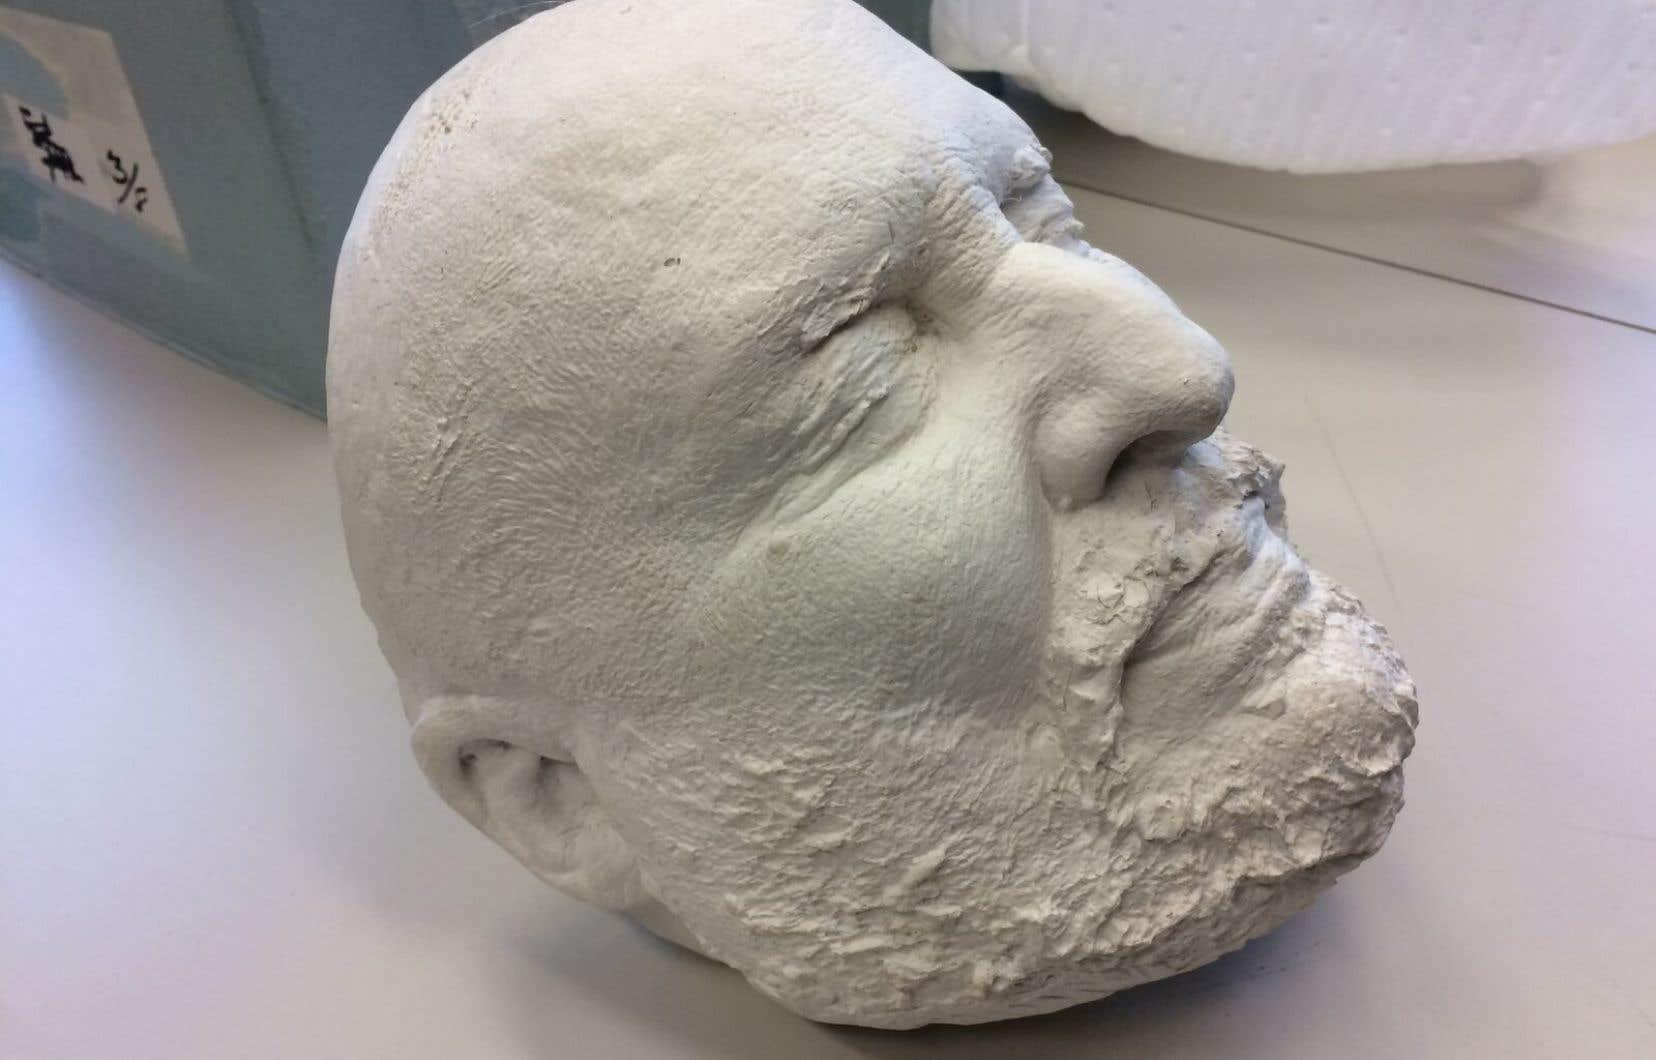 La barbe fleurie d'Henri Bourassa a représenté un défi de taille à immortaliser, souligne Pierre Petrucci.